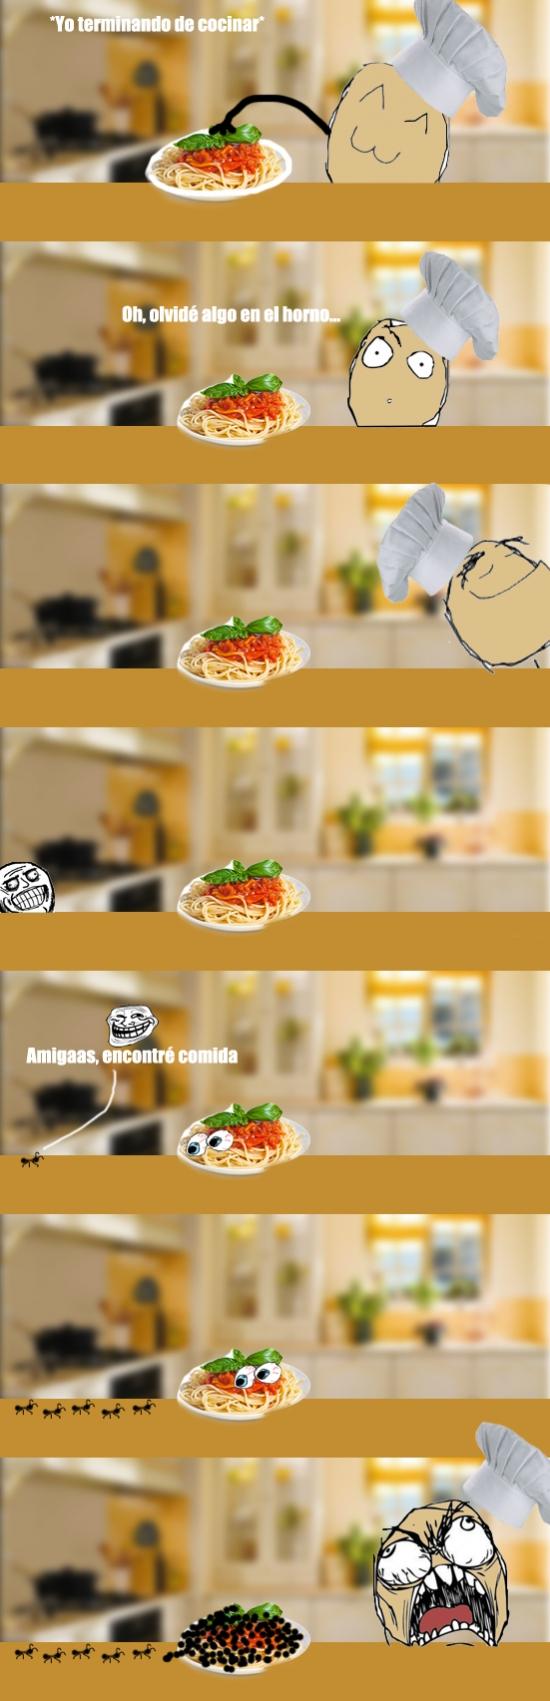 Ffffuuuuuuuuuu - Lo que pasa si te distraes un poco en la cocina...